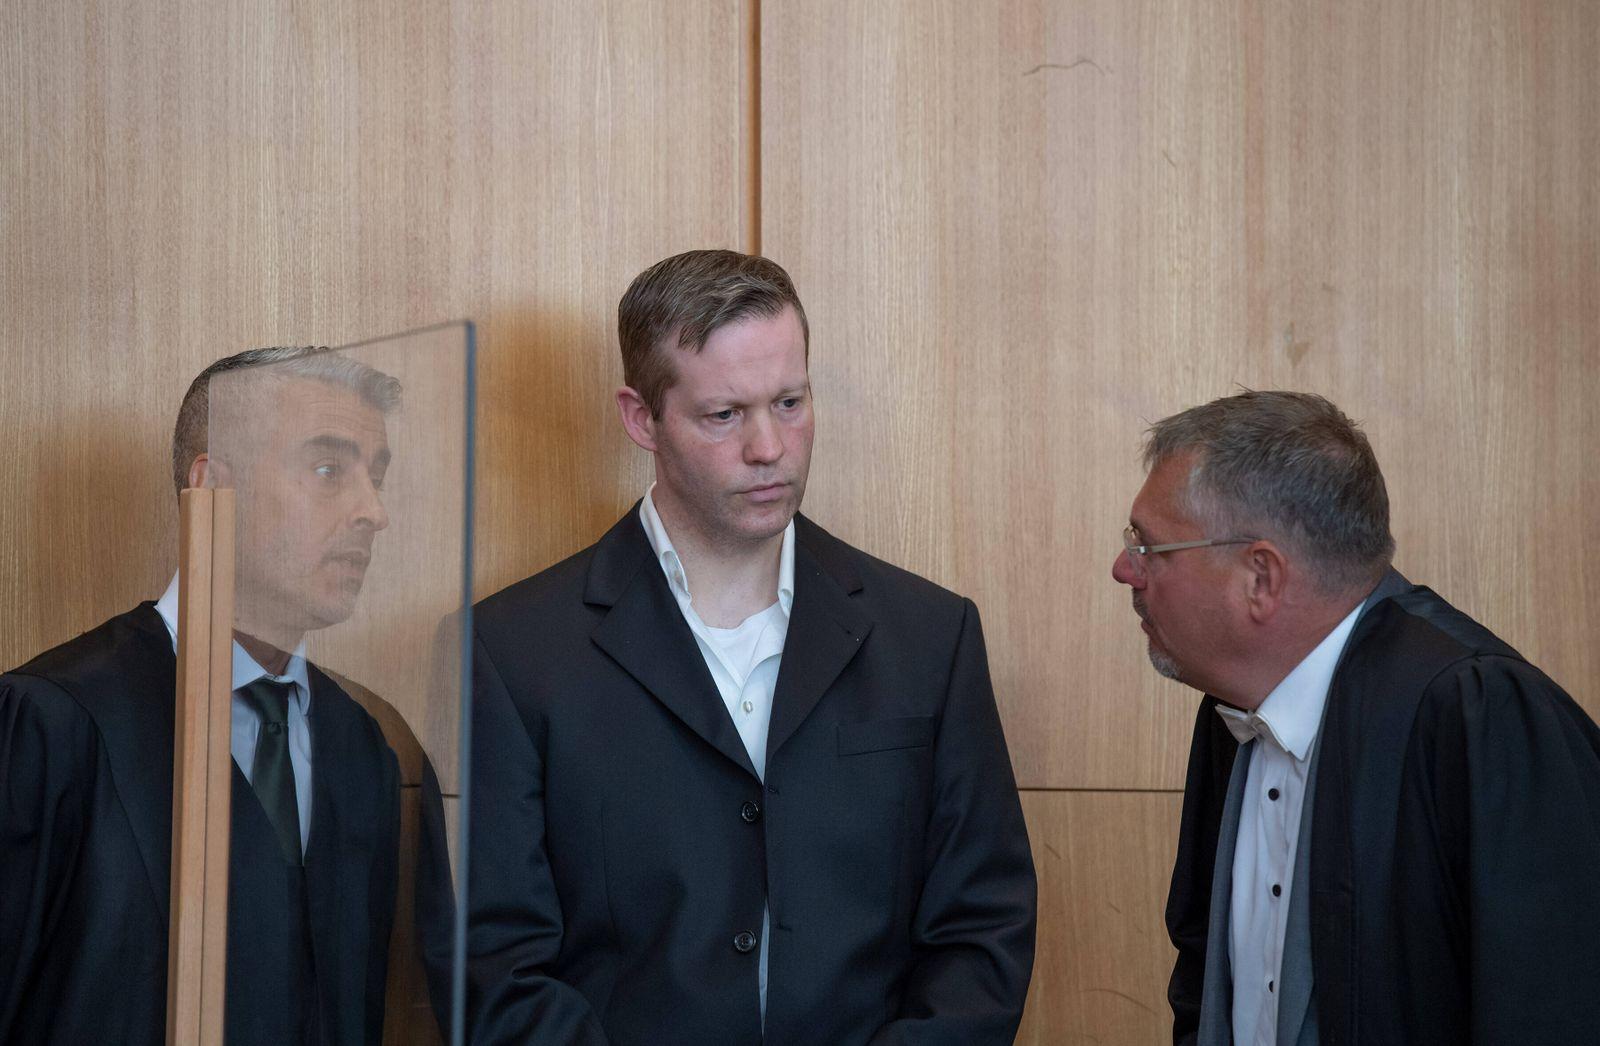 27.07.2020, xblx, deloka, emonline, delahe, Prozess: Tod von Dr. Walter Luebcke, Stephan Ernst mit seinen Verteidigern